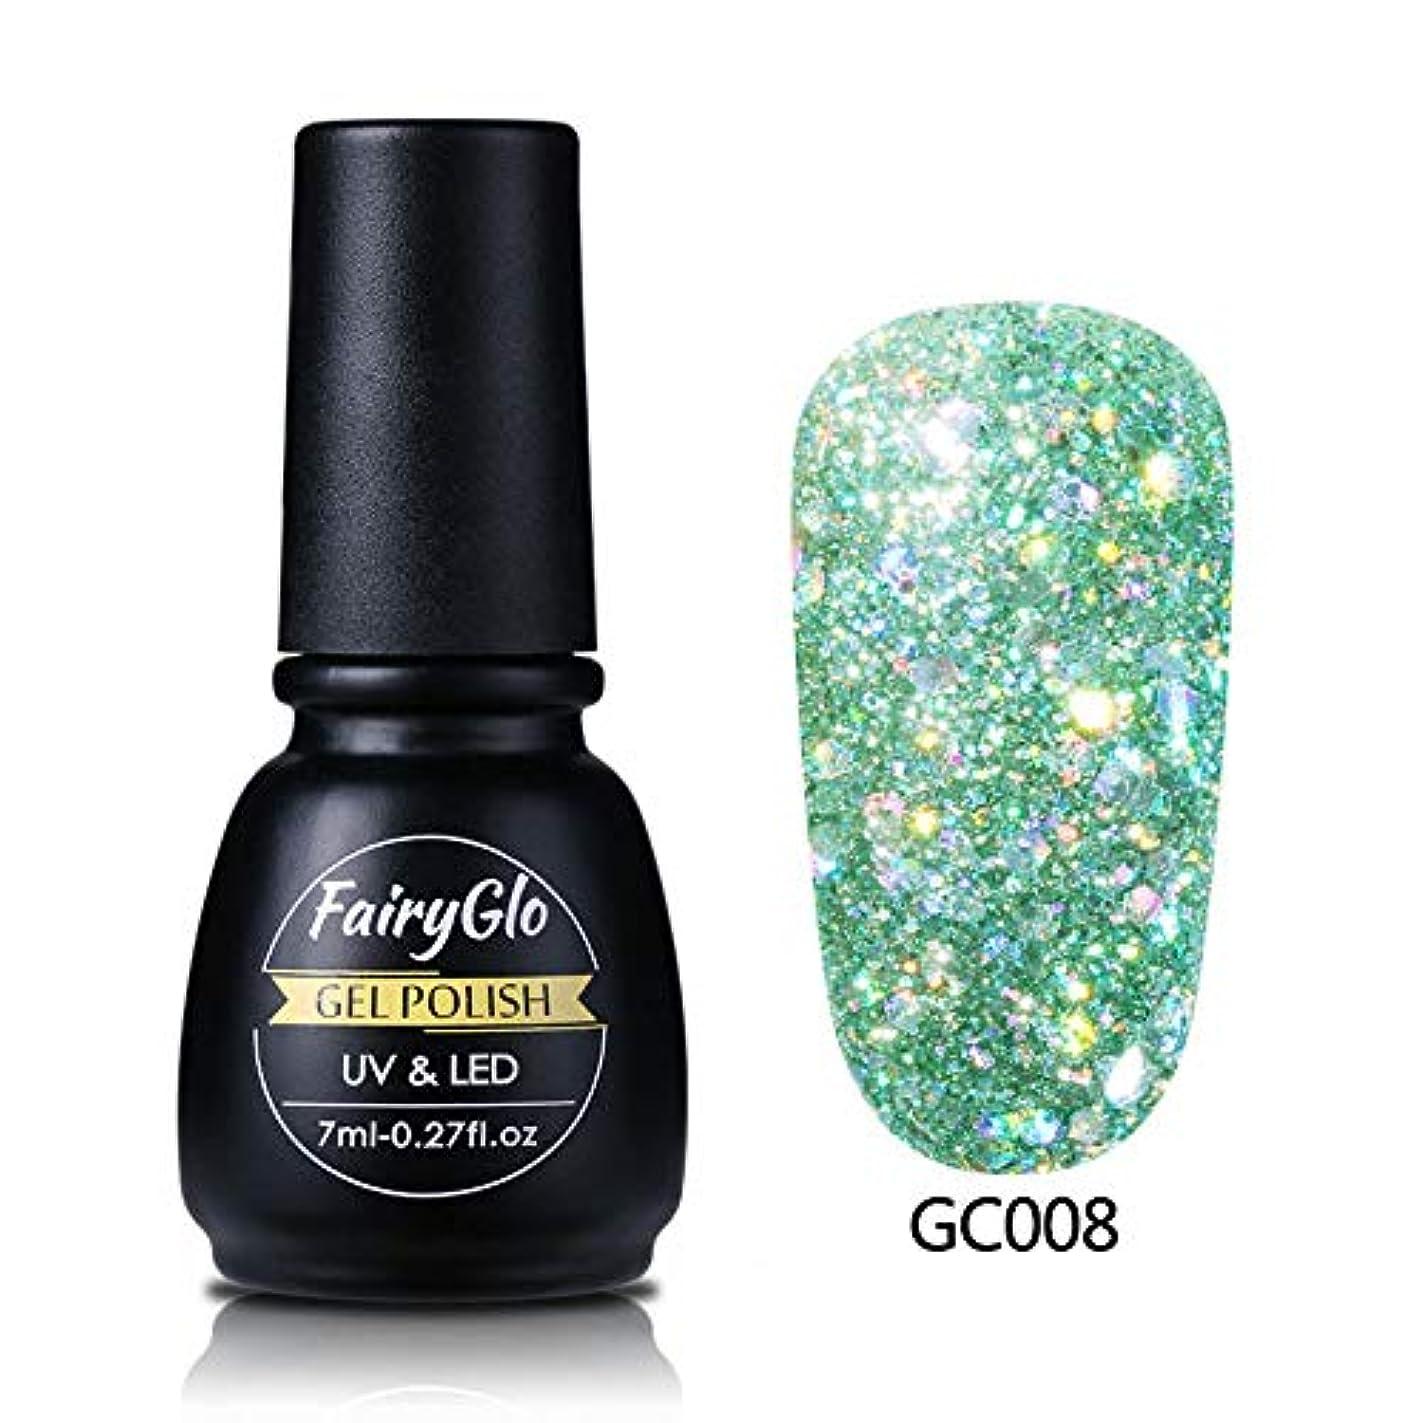 壊れた立場実用的Fairyglo ジェルネイル カラージェル ダイヤモンド系 グリッタージェル 7ml【全61色選択可】